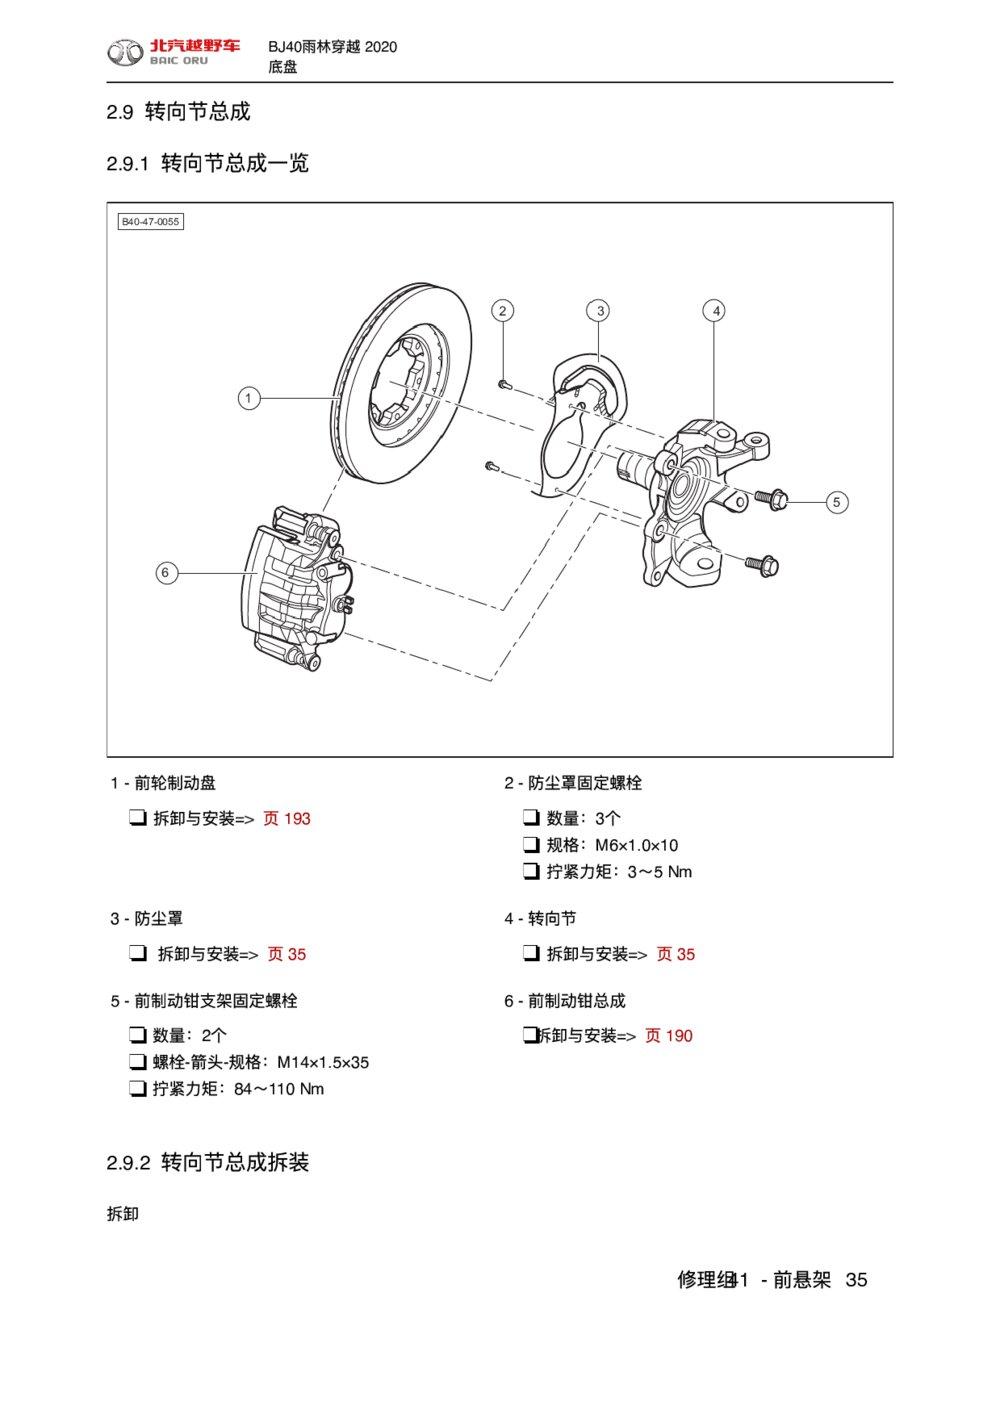 2020款北京BJ40转向节总成维修1